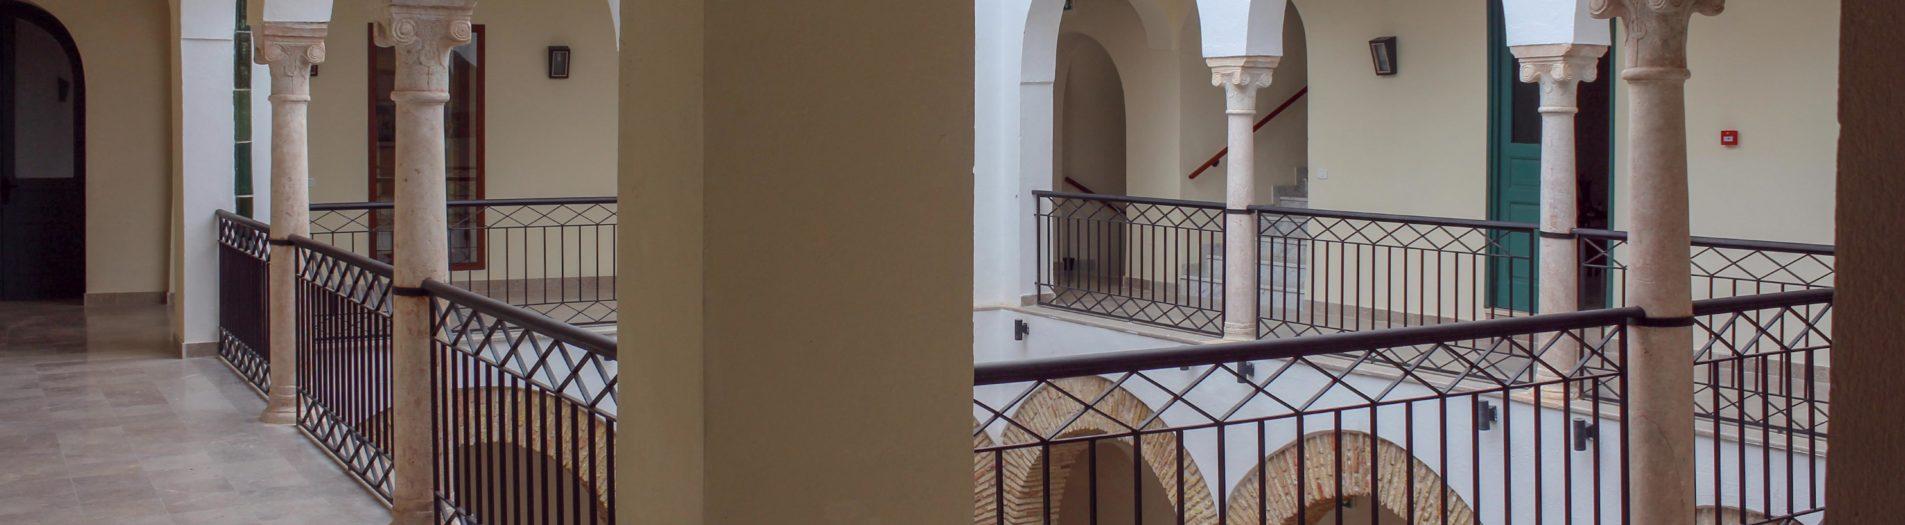 Le presbytère de Tunis